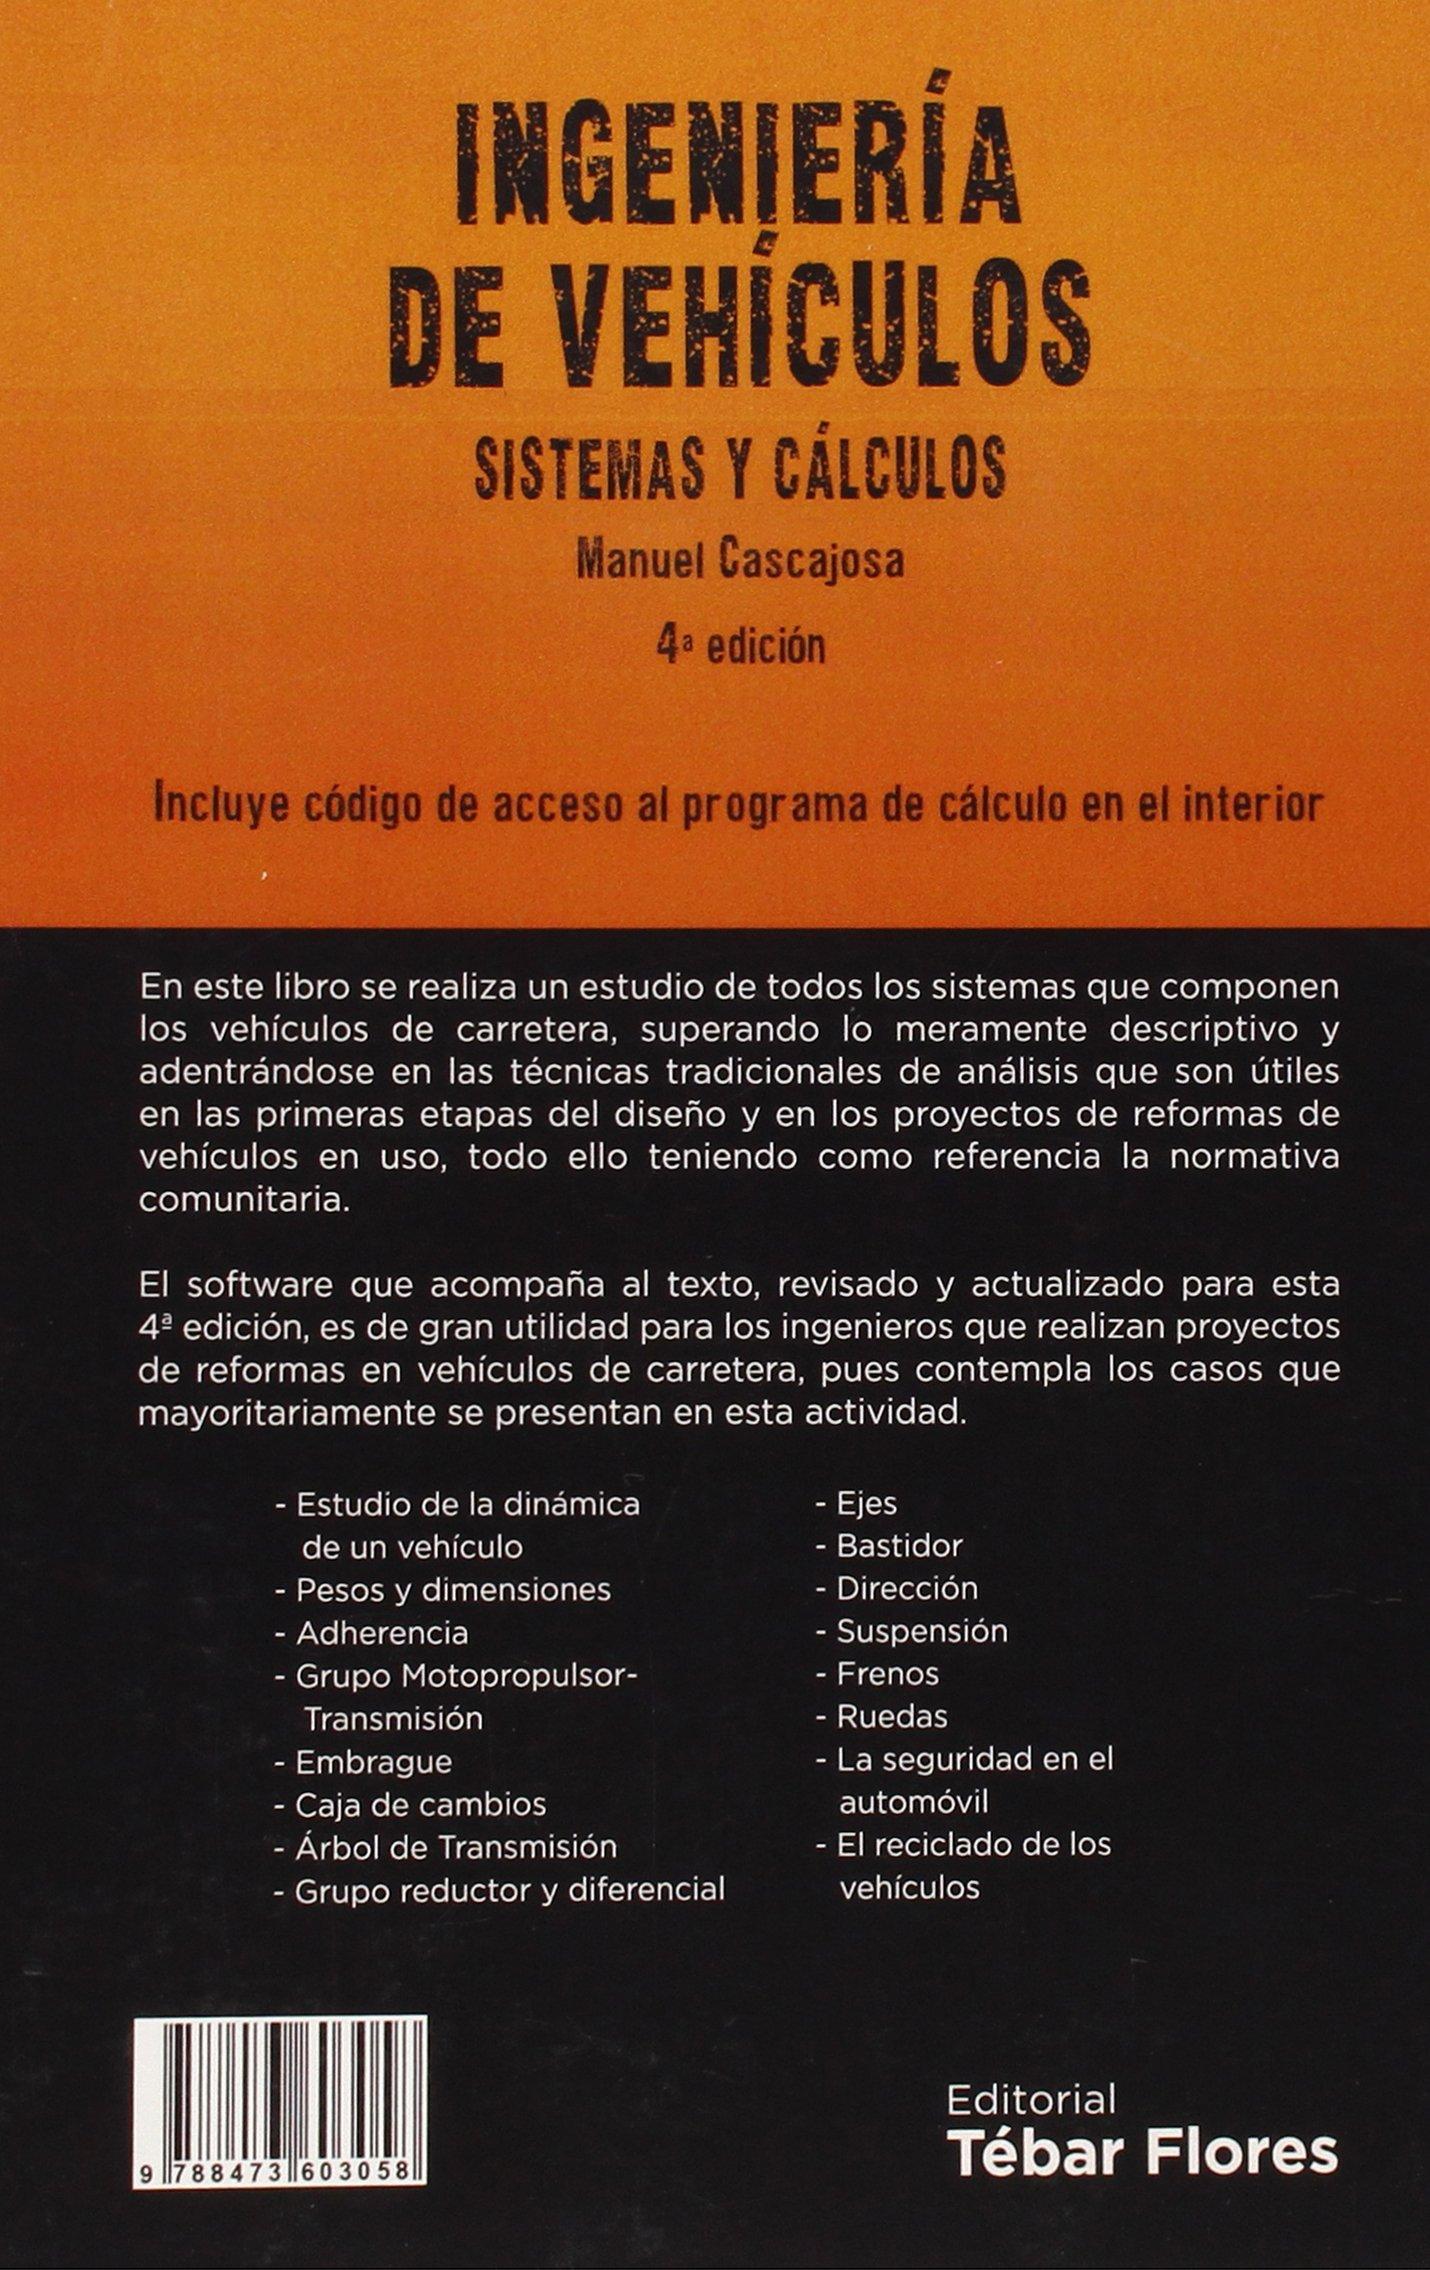 INGENIERÍA DE VEHÍCULOS: SISTEMAS Y CÁLCULOS: Amazon.es: MANUEL CASCAJOSA SORIANO: Libros